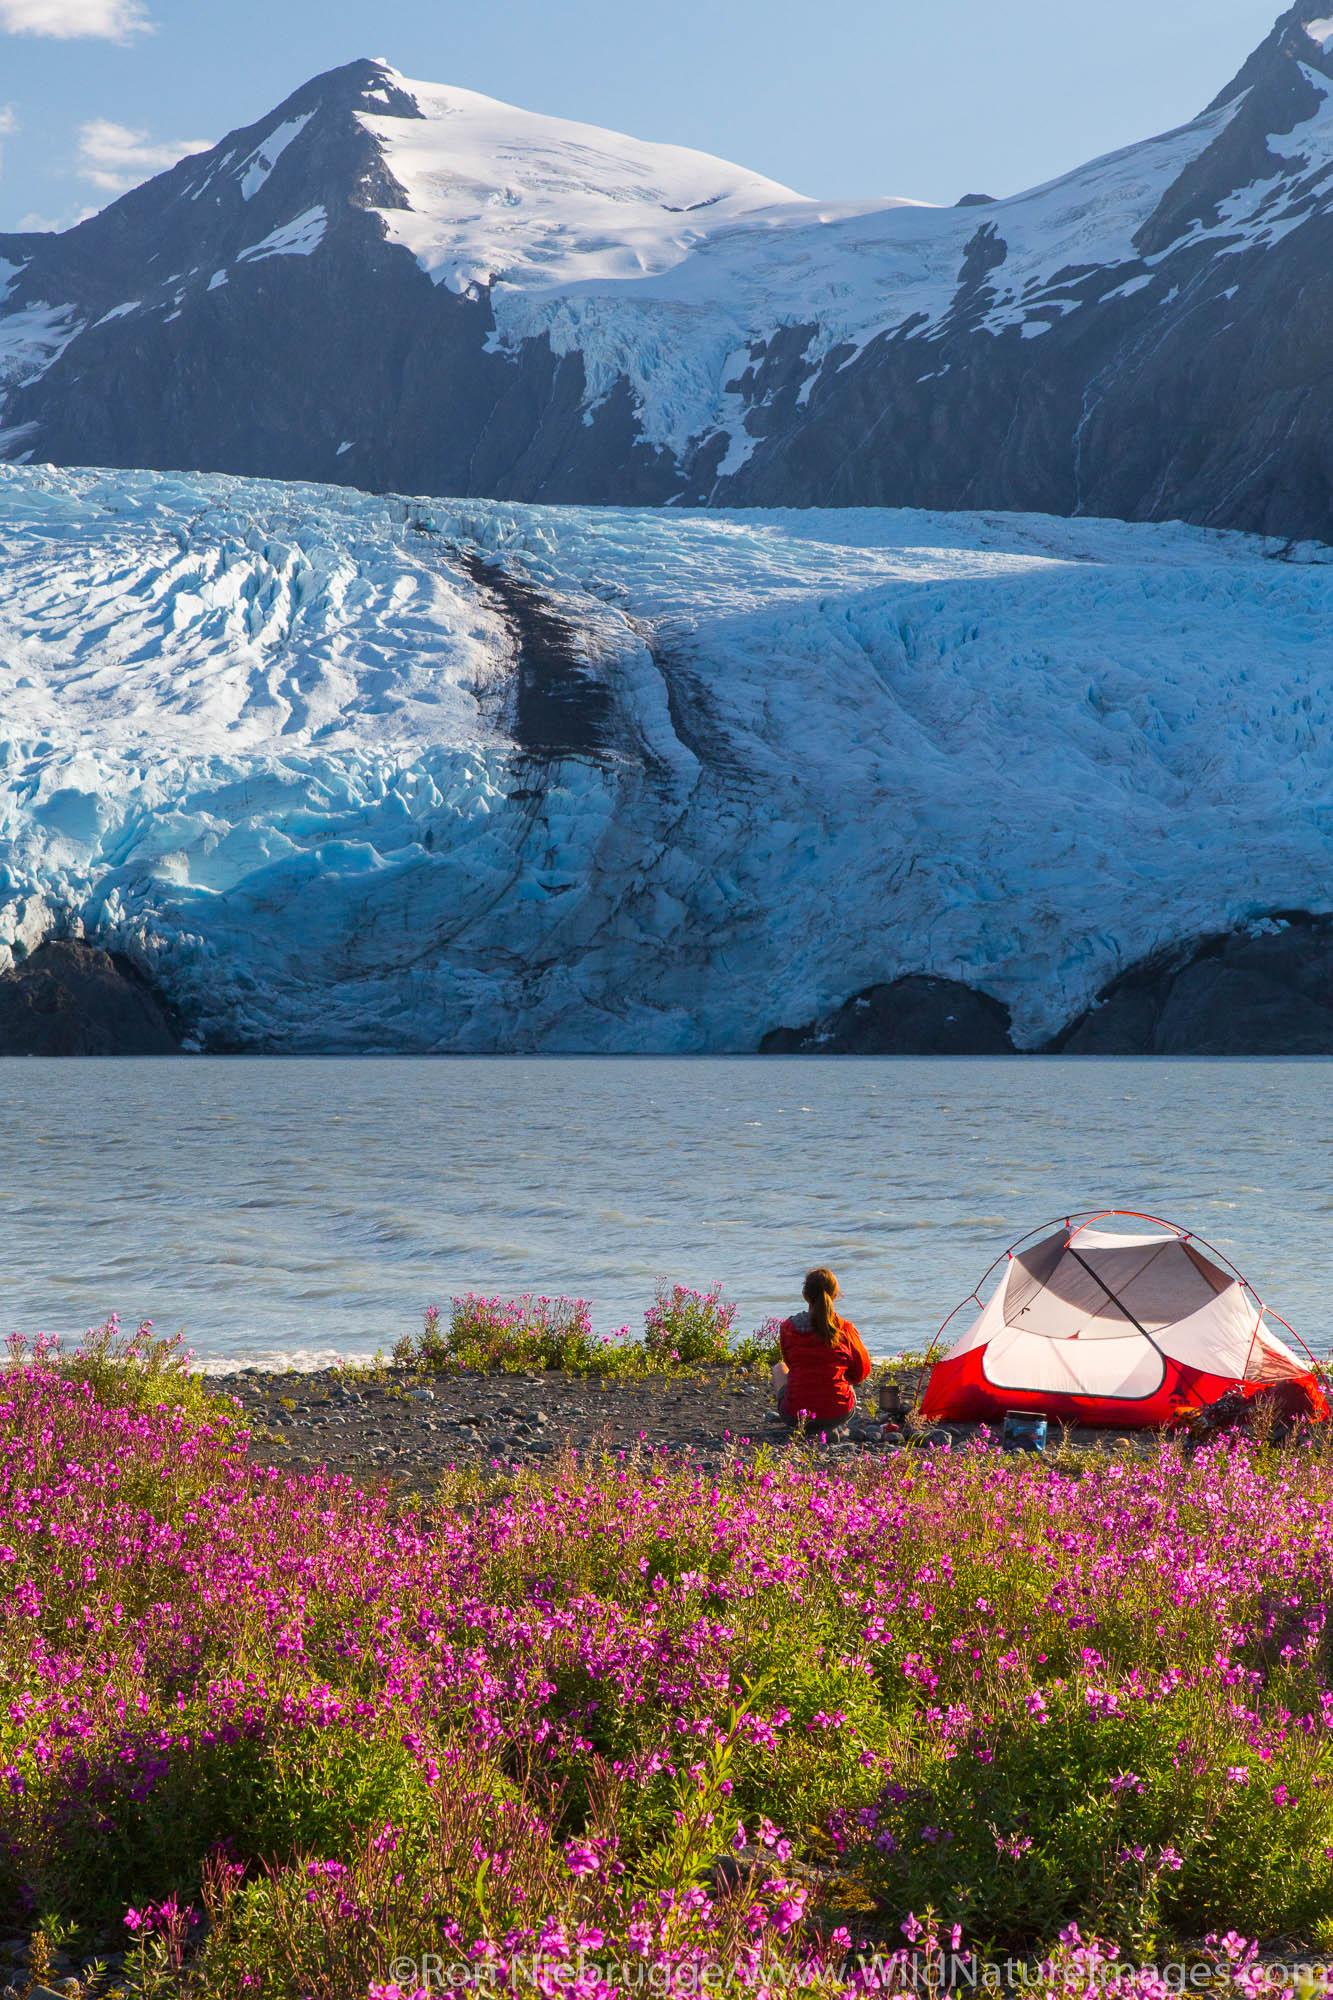 Camping near Portage Glacier, Chugach National Forest, Alaska.